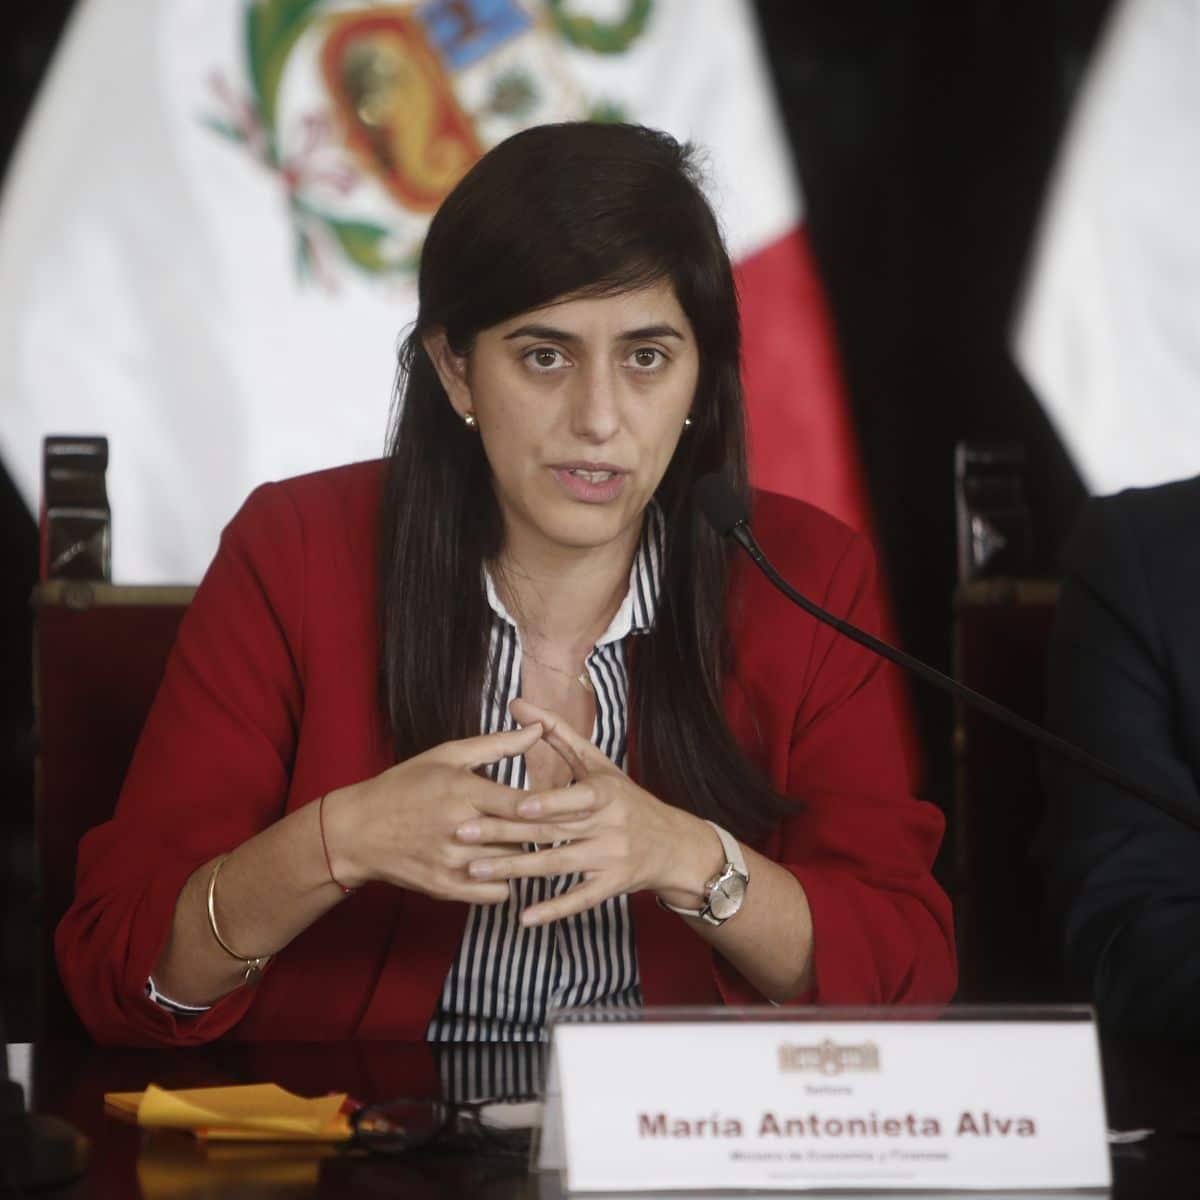 Ministra Antonieta Alva a un paso de la censura - La Razón